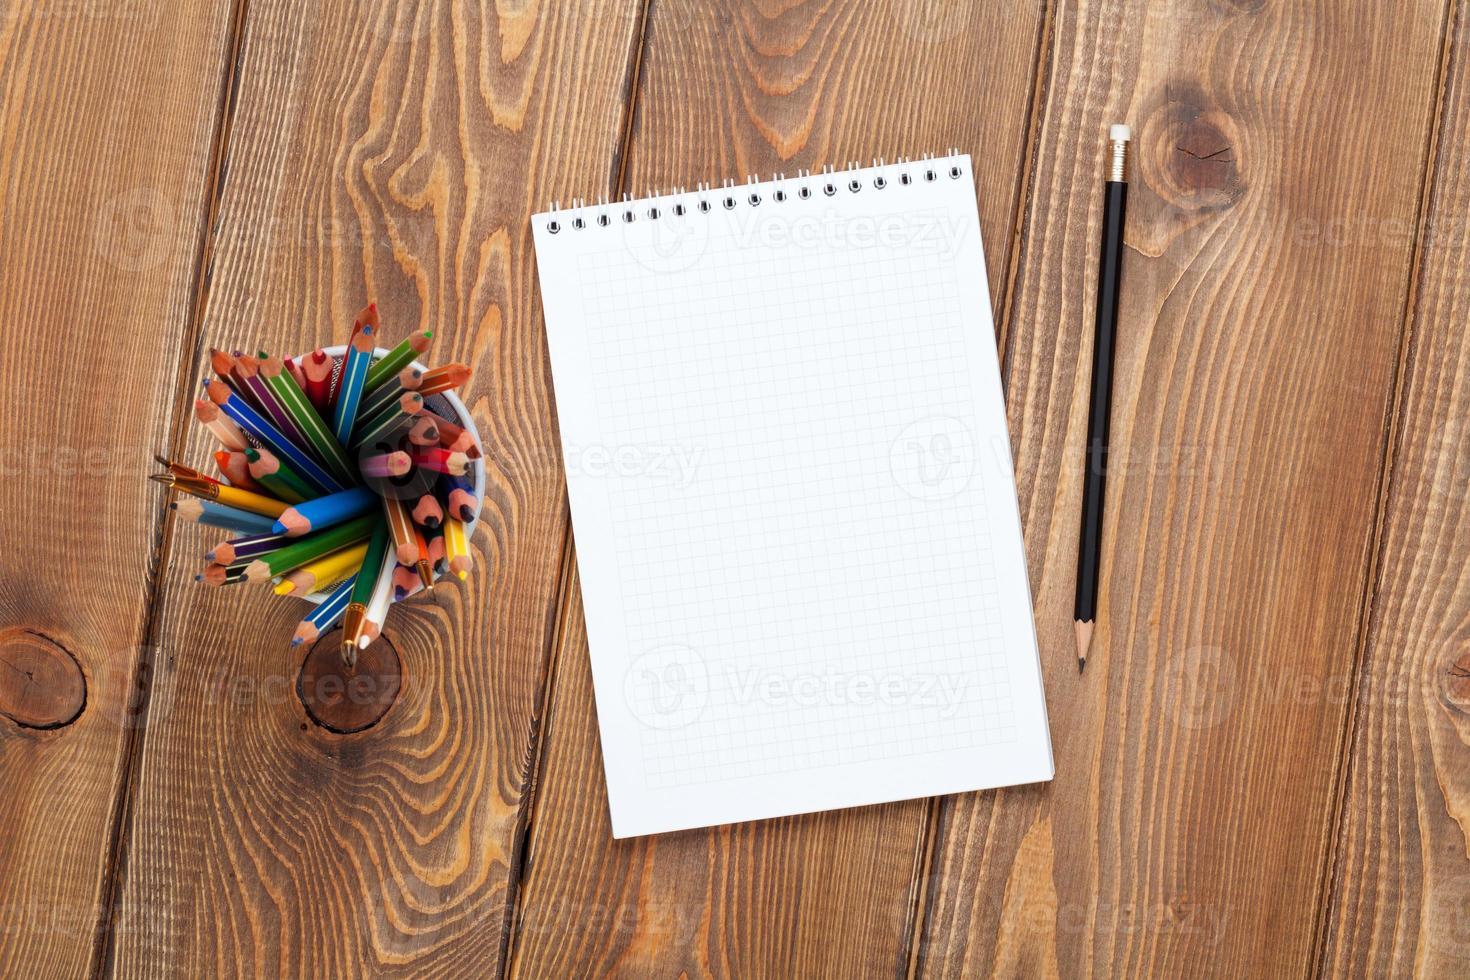 mesa de mesa de escritório com o bloco de notas e lápis coloridos foto